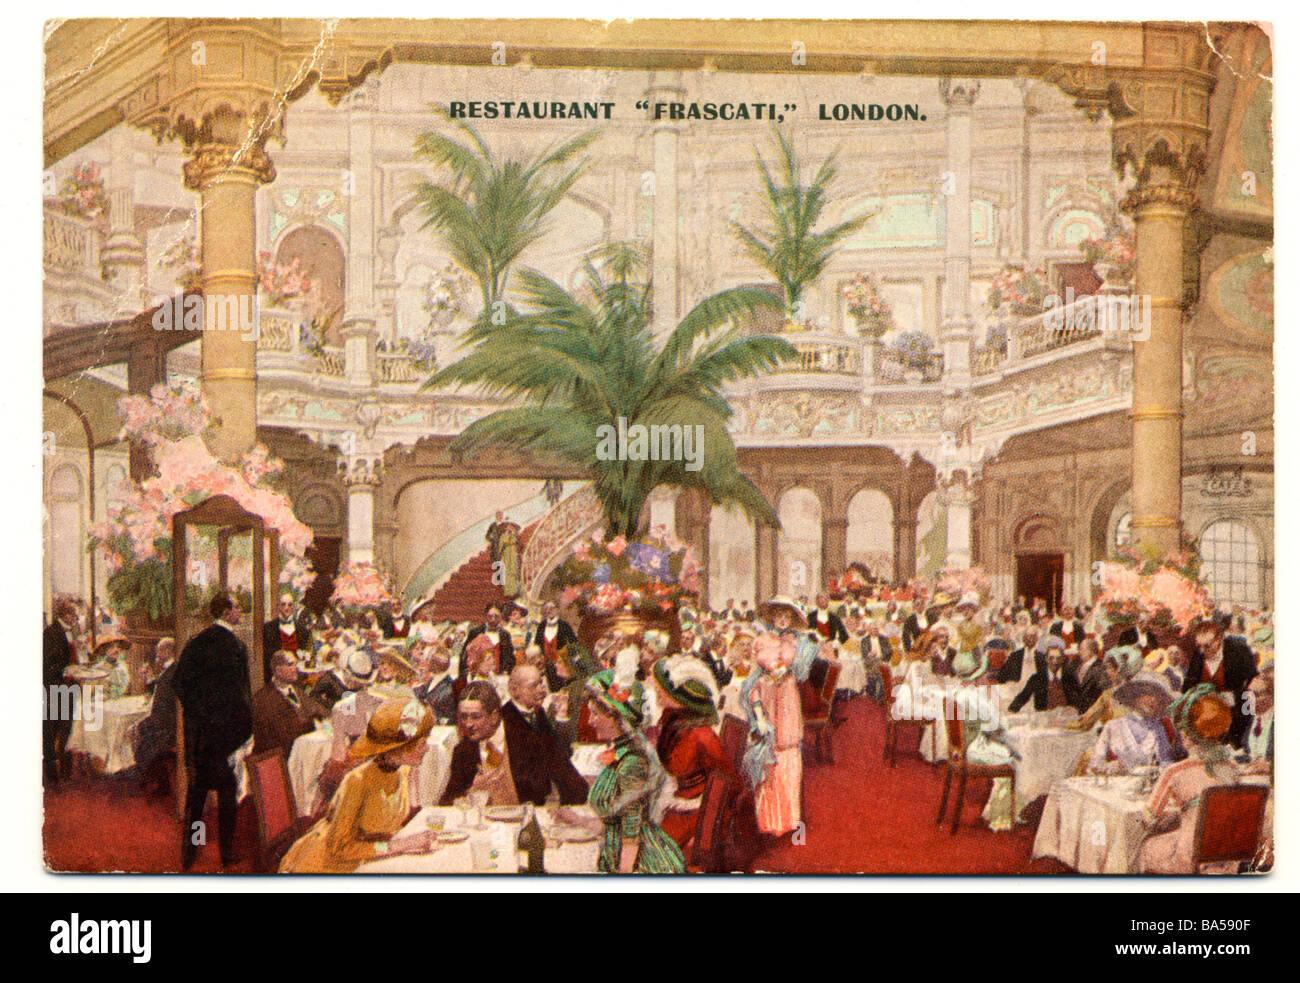 Alten handgemalten viktorianischen Postkarte von Restaurant Frascati in London im Jahre 1895 Stockbild